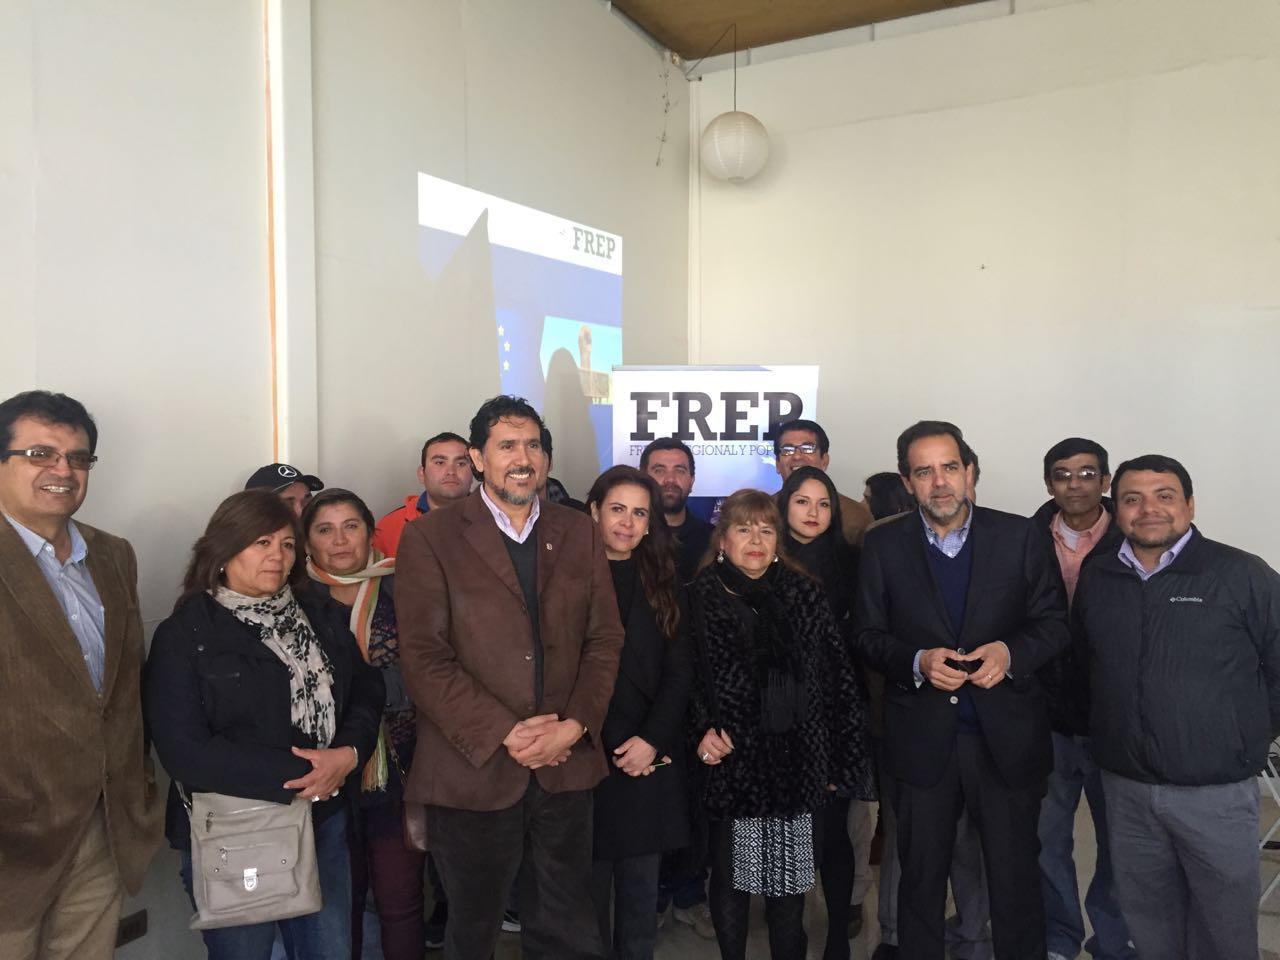 Partido de Jaime Mulet, FREP, se constituye formalmente en el país